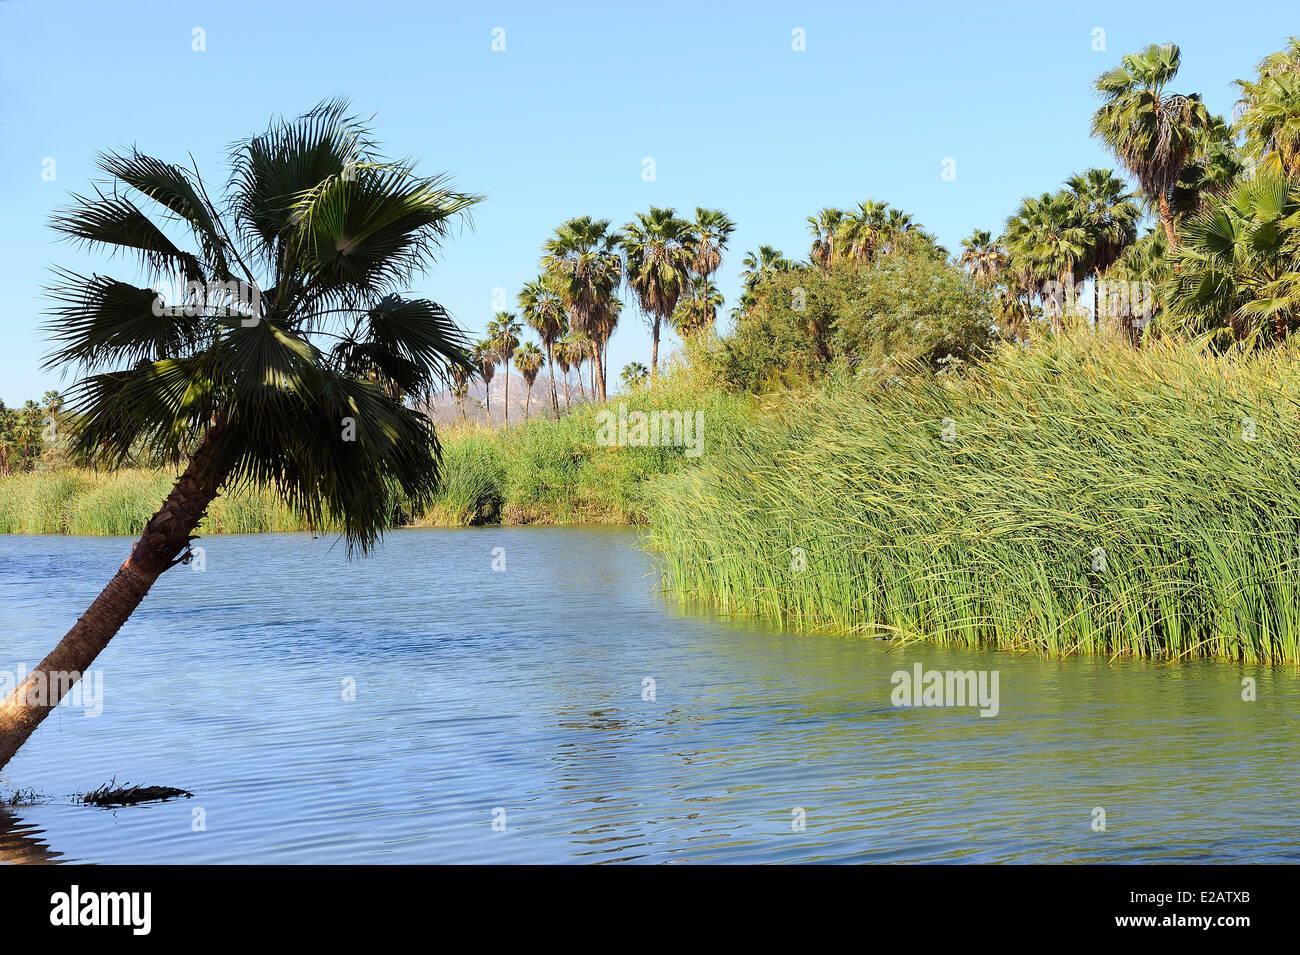 Le Mexique, l'État de Baja California Sur, San Jose del Cabo, l'estuaire San Jose Photo Stock